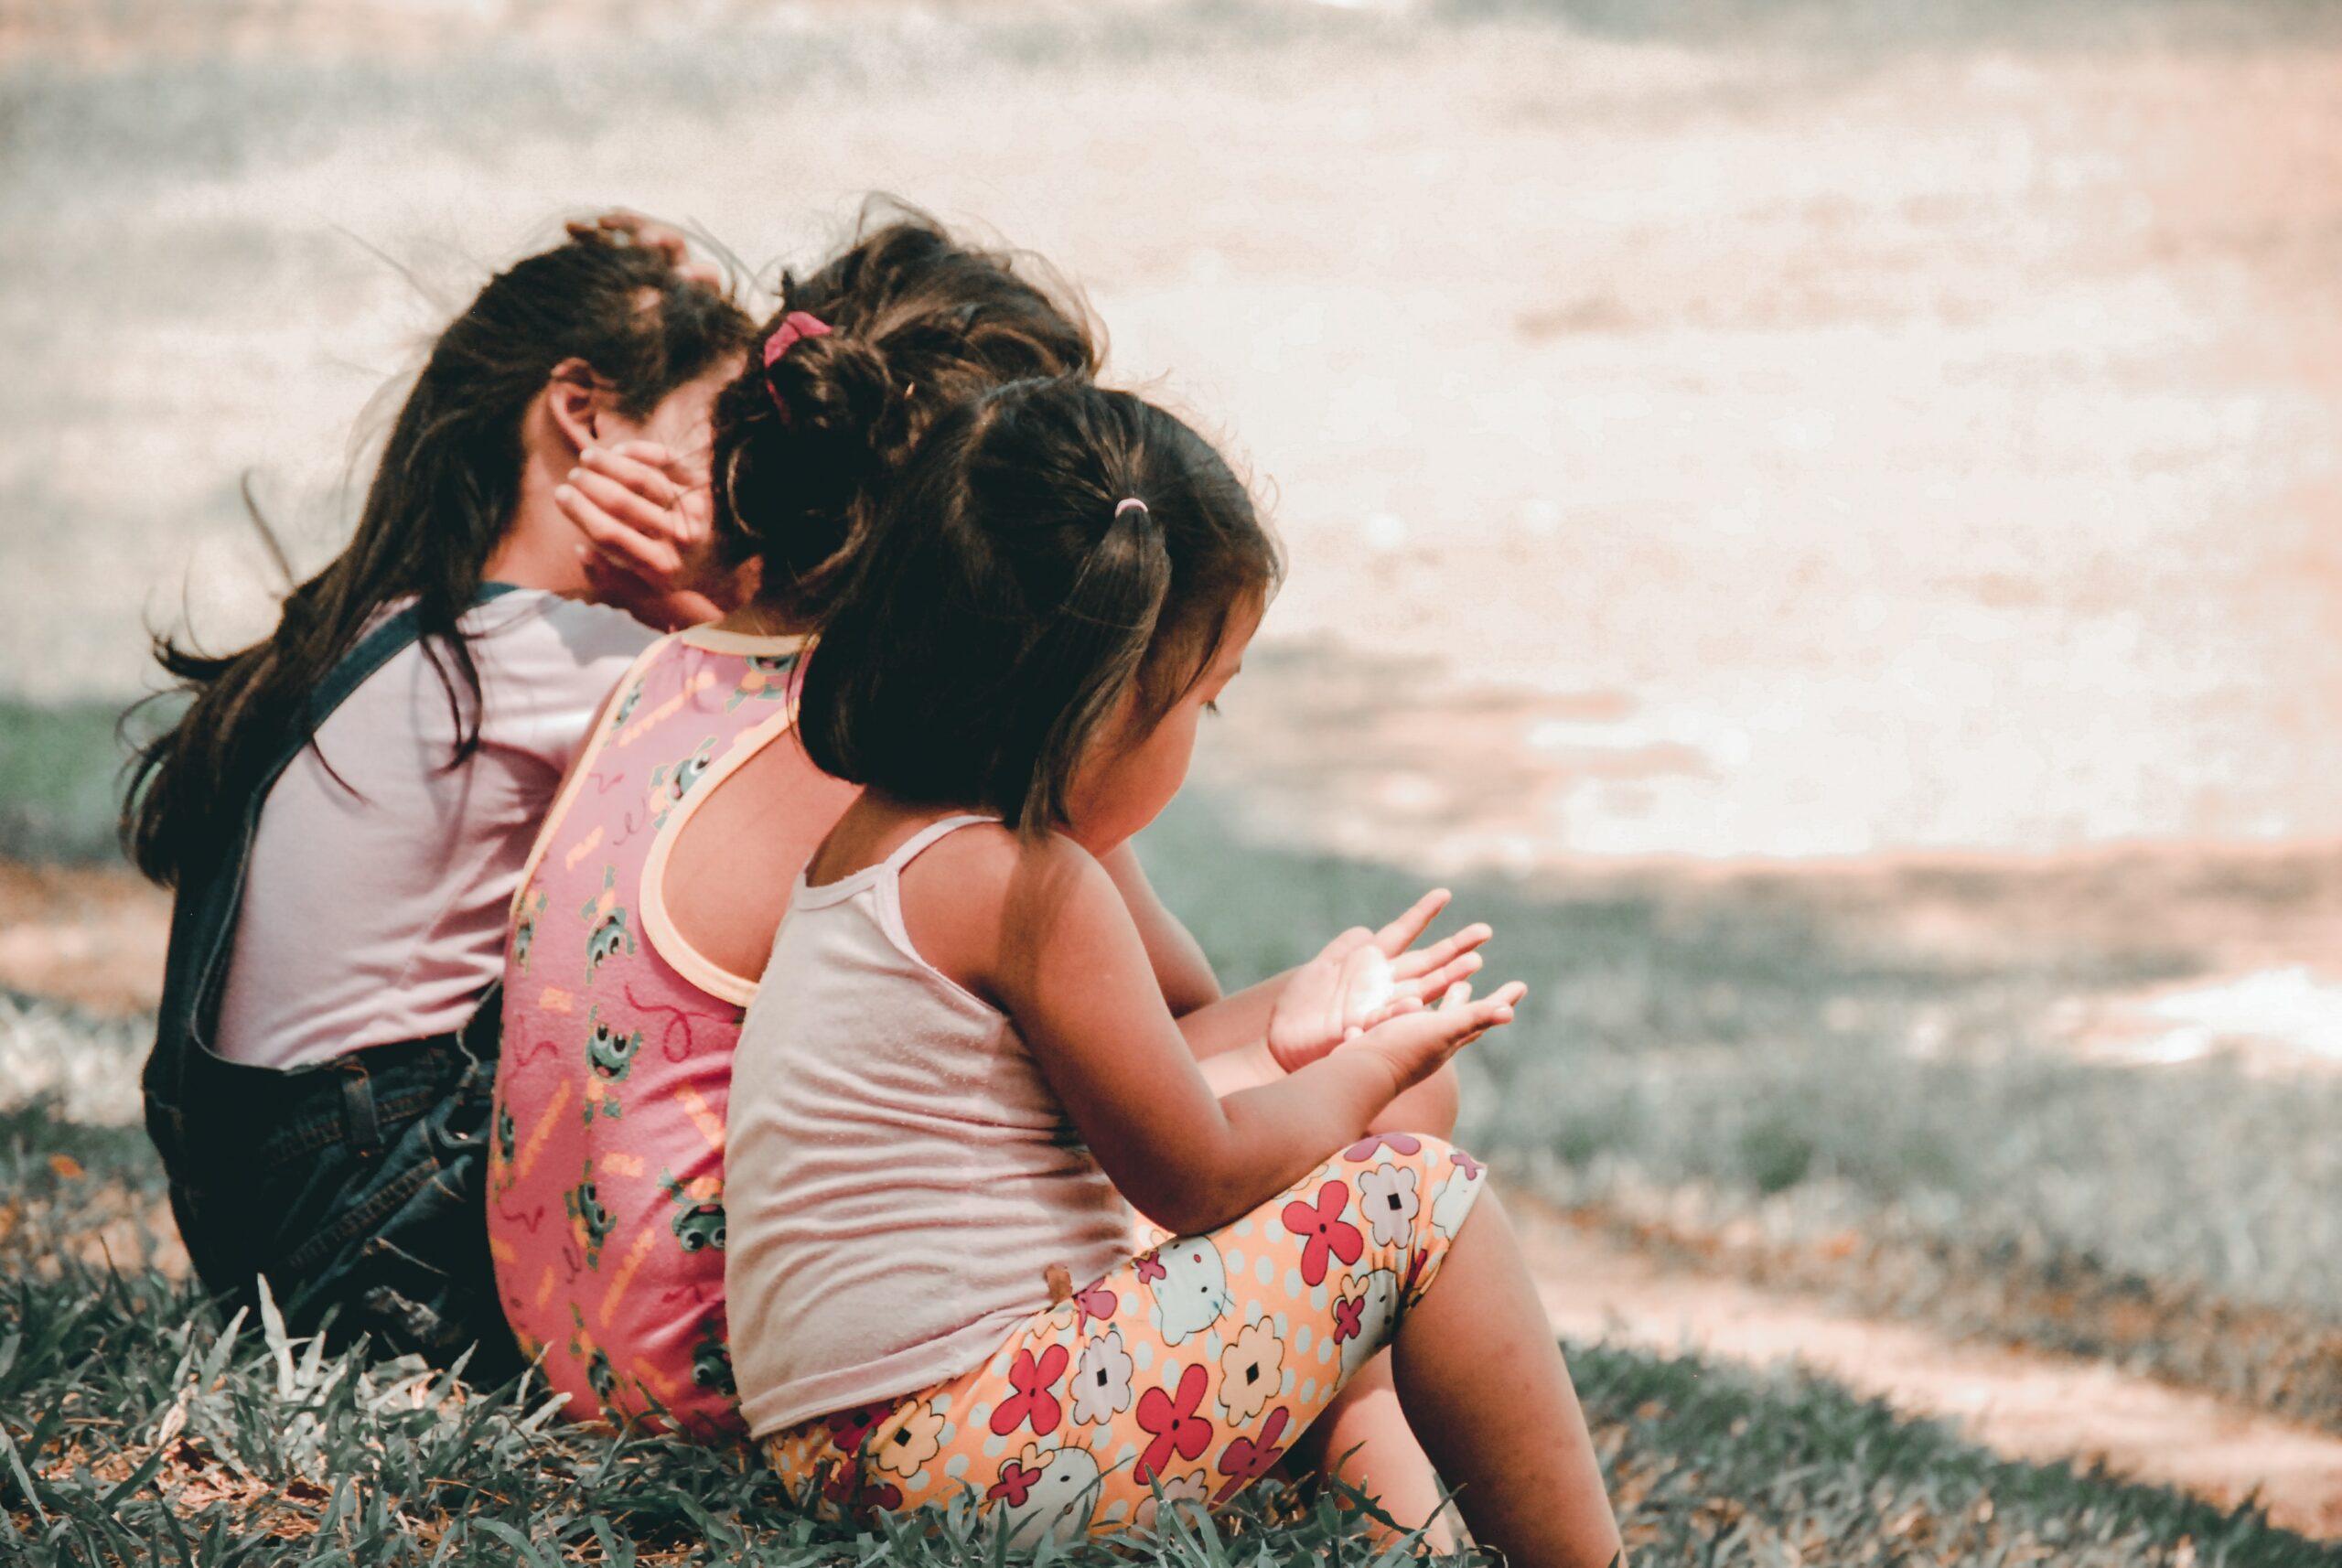 Συνέδριο για την επιτροπεία ασυνόδευτων παιδιών